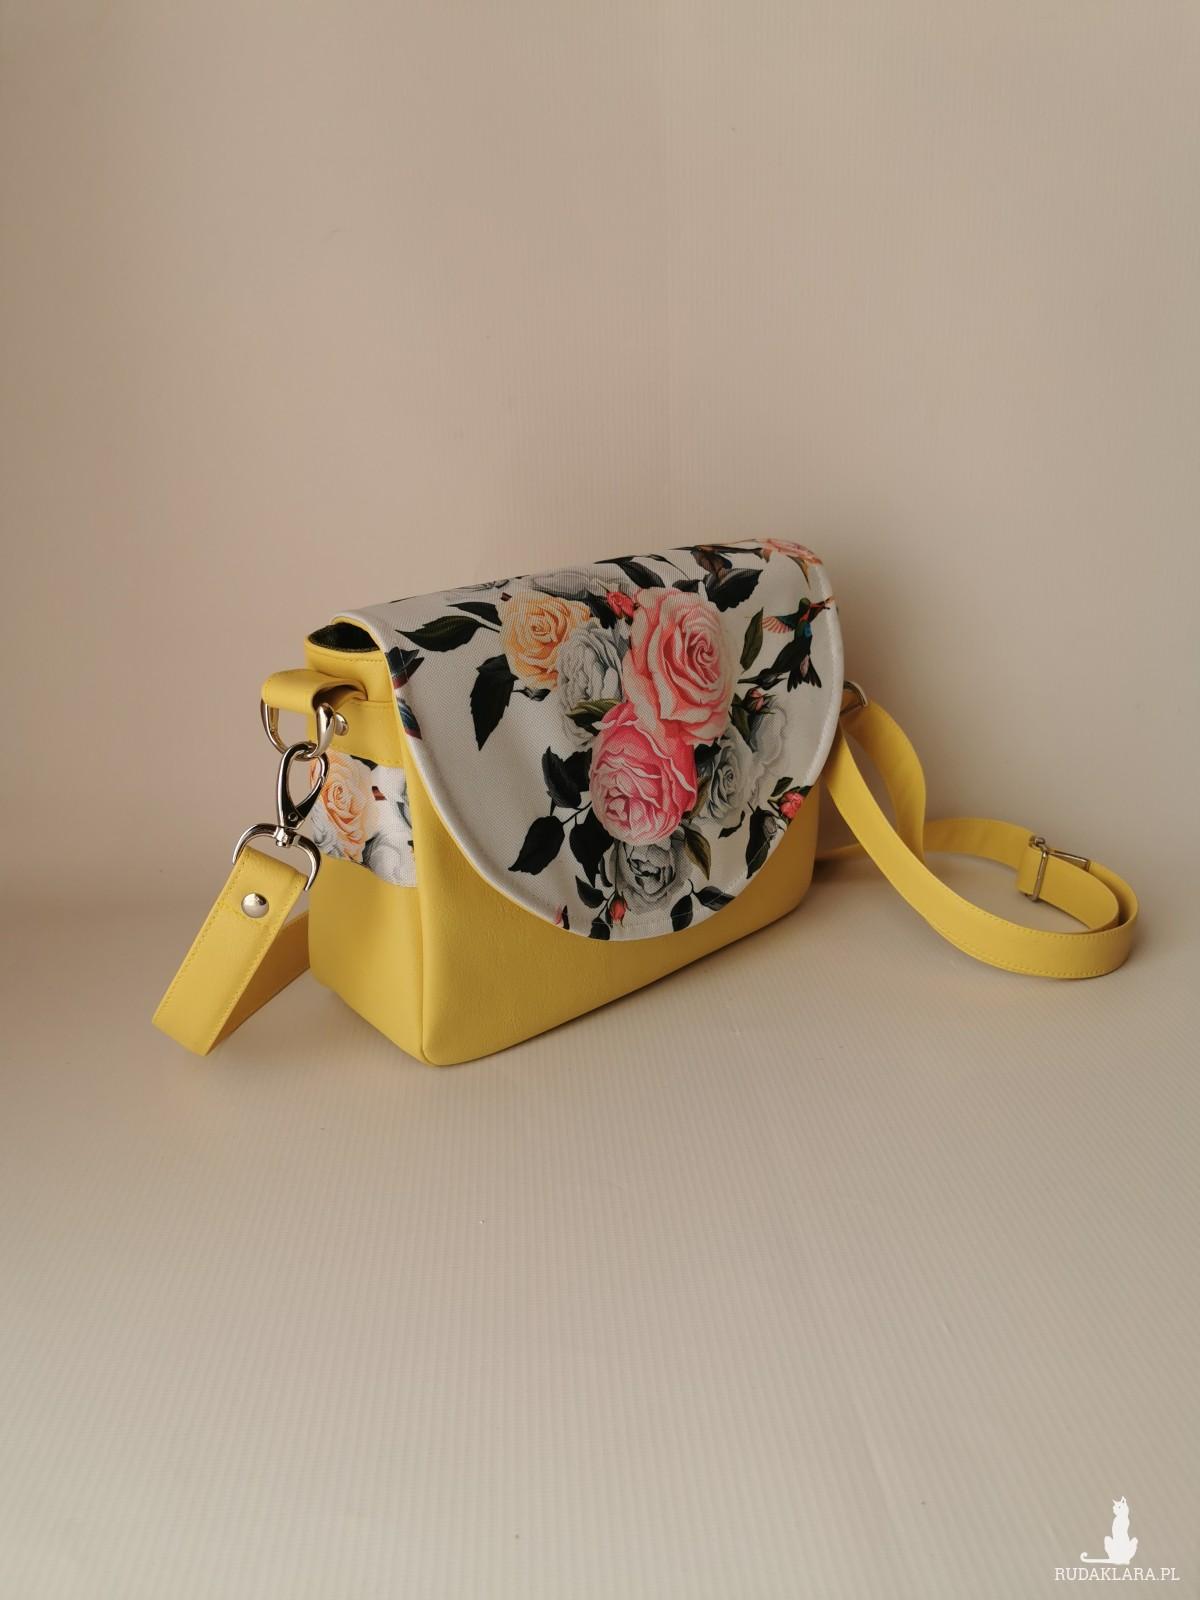 Torebka damska wodoodporna torebka na ramię torebka do ręki handmade torebka z klapką listonoszka kwiaty ekoskóra bukiet róż